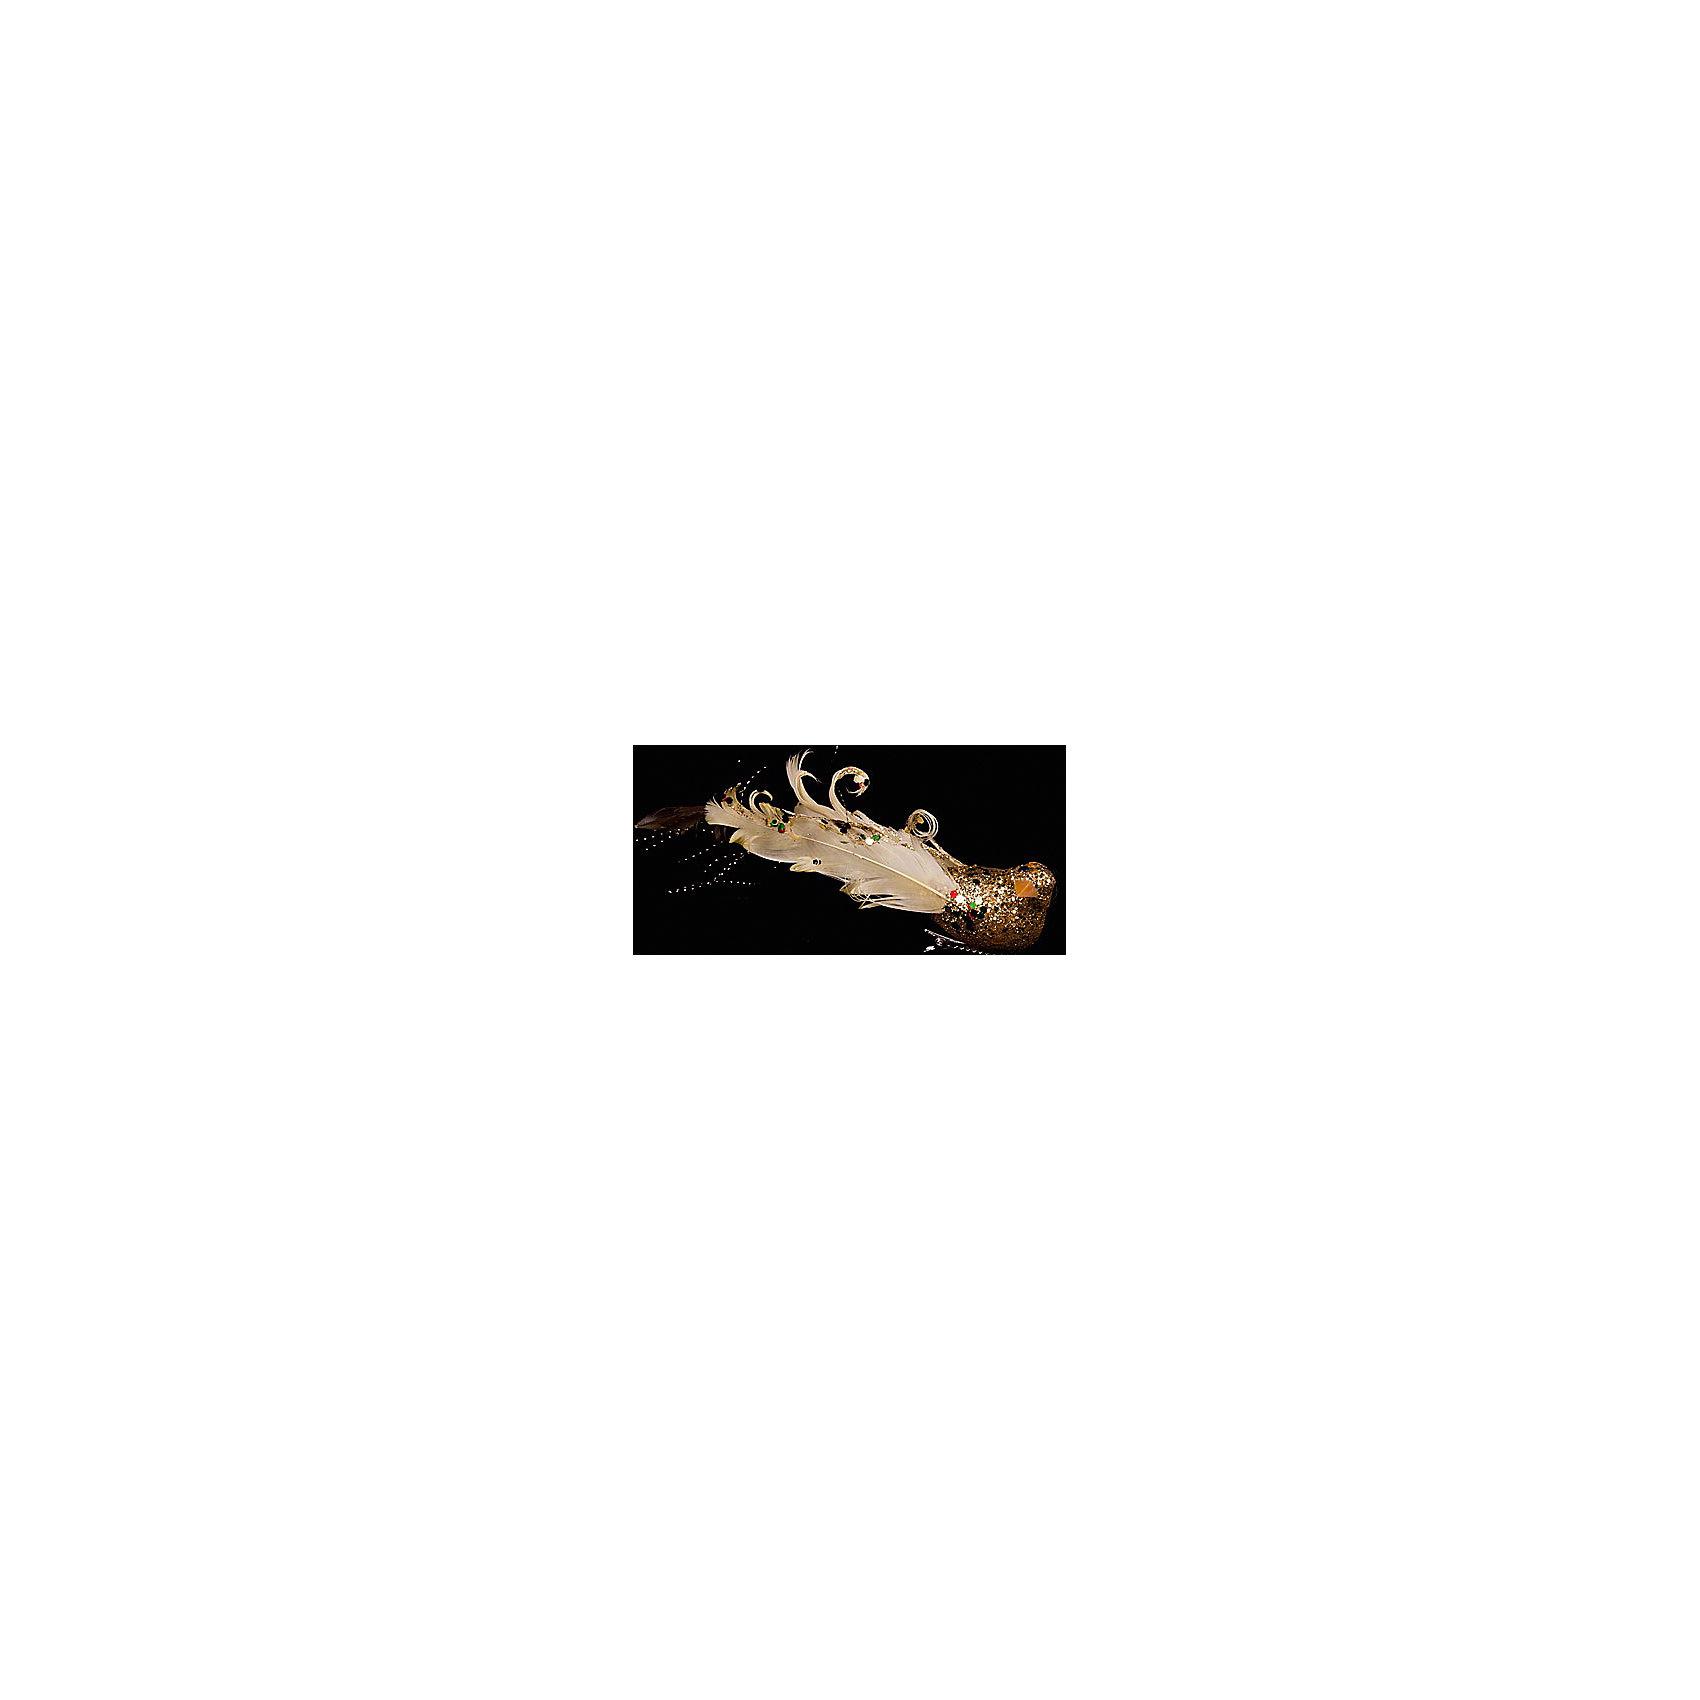 Елочное украшение Птичка, Marko FerenzoВсё для праздника<br>Елочное украшение Птичка, Marko Ferenzo (Марко Ферензо) – это новогоднее украшение замечательно дополнит праздничный интерьер.<br>Елочное украшение Птичка от Marko Ferenzo (Марко Ферензо) прекрасно подойдет для праздничного декора дома и новогодней ели. Украшение выполнено в виде эффектной золотистой птички с нарядным хвостом из перьев. С помощью клипа его можно повесить в любом понравившемся вам месте. Но, конечно, удачнее всего такая игрушка будет смотреться на праздничной елке. Птичка будет мерцать в свете гирлянд, создавая праздничное настроение и волшебную атмосферу в доме. Новогодние украшения приносят в дом ощущение праздника. Создайте в своем доме атмосферу веселья и радости, украшая новогоднюю елку нарядными игрушками, которые будут из года в год накапливать теплоту воспоминаний.<br><br>Дополнительная информация:<br><br>- Цвет: золотая осень<br>- Размер: 15 см.<br><br>Елочное украшение Птичка, Marko Ferenzo (Марко Ферензо) можно купить в нашем интернет-магазине.<br><br>Ширина мм: 150<br>Глубина мм: 40<br>Высота мм: 30<br>Вес г: 139<br>Возраст от месяцев: 36<br>Возраст до месяцев: 2147483647<br>Пол: Унисекс<br>Возраст: Детский<br>SKU: 4418928